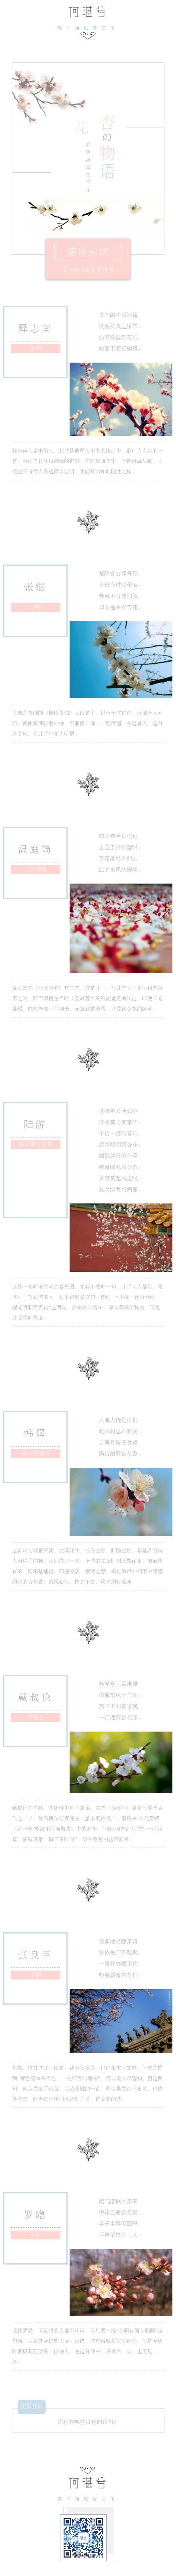 粉红色桃色诗词名言语录清新简约微信图文模板